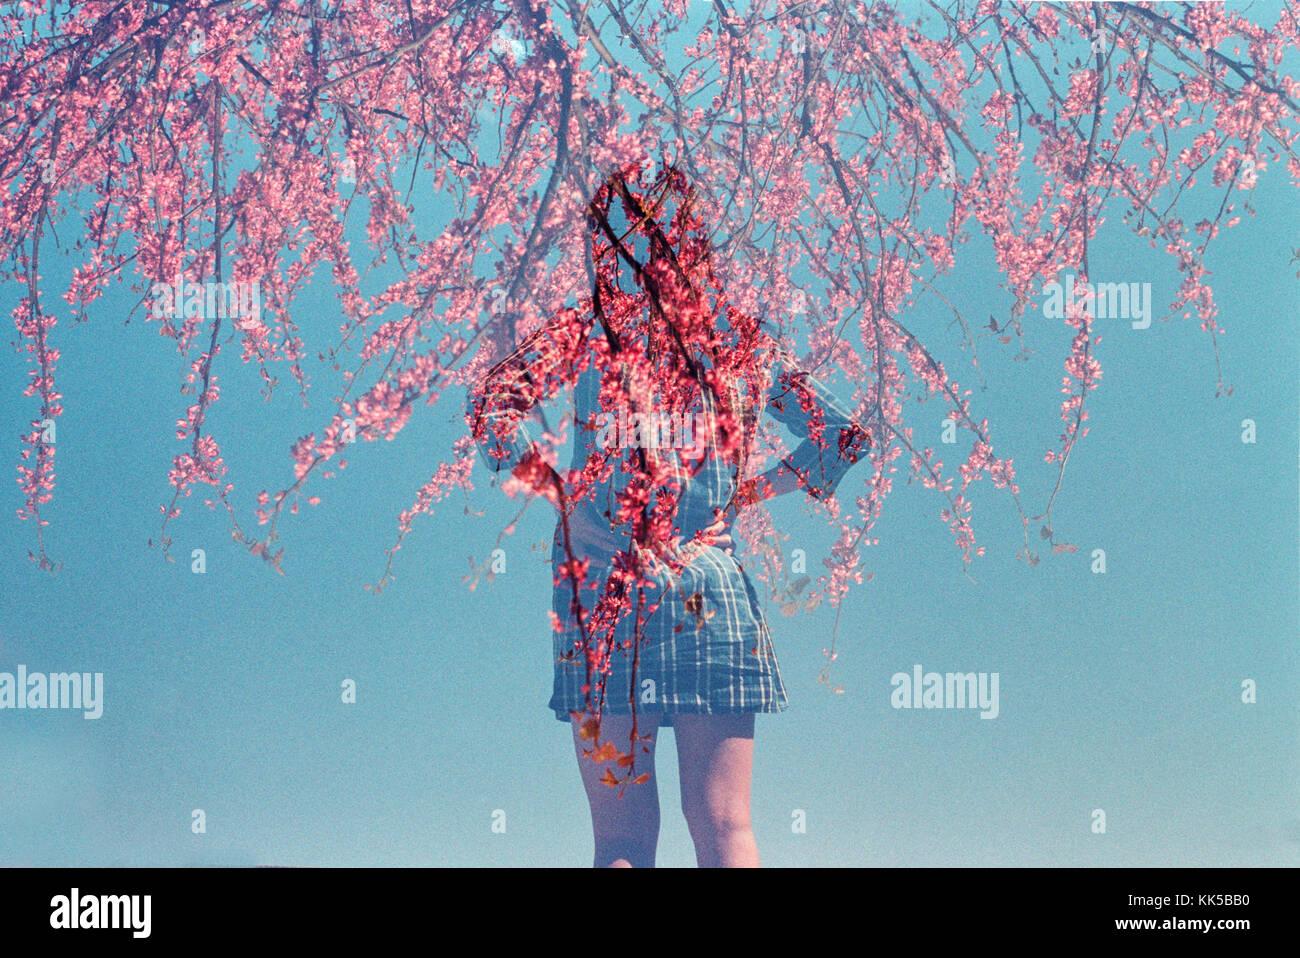 Doppia esposizione della donna che guarda fuori nella distanza rosa con alberi in fiore Immagini Stock